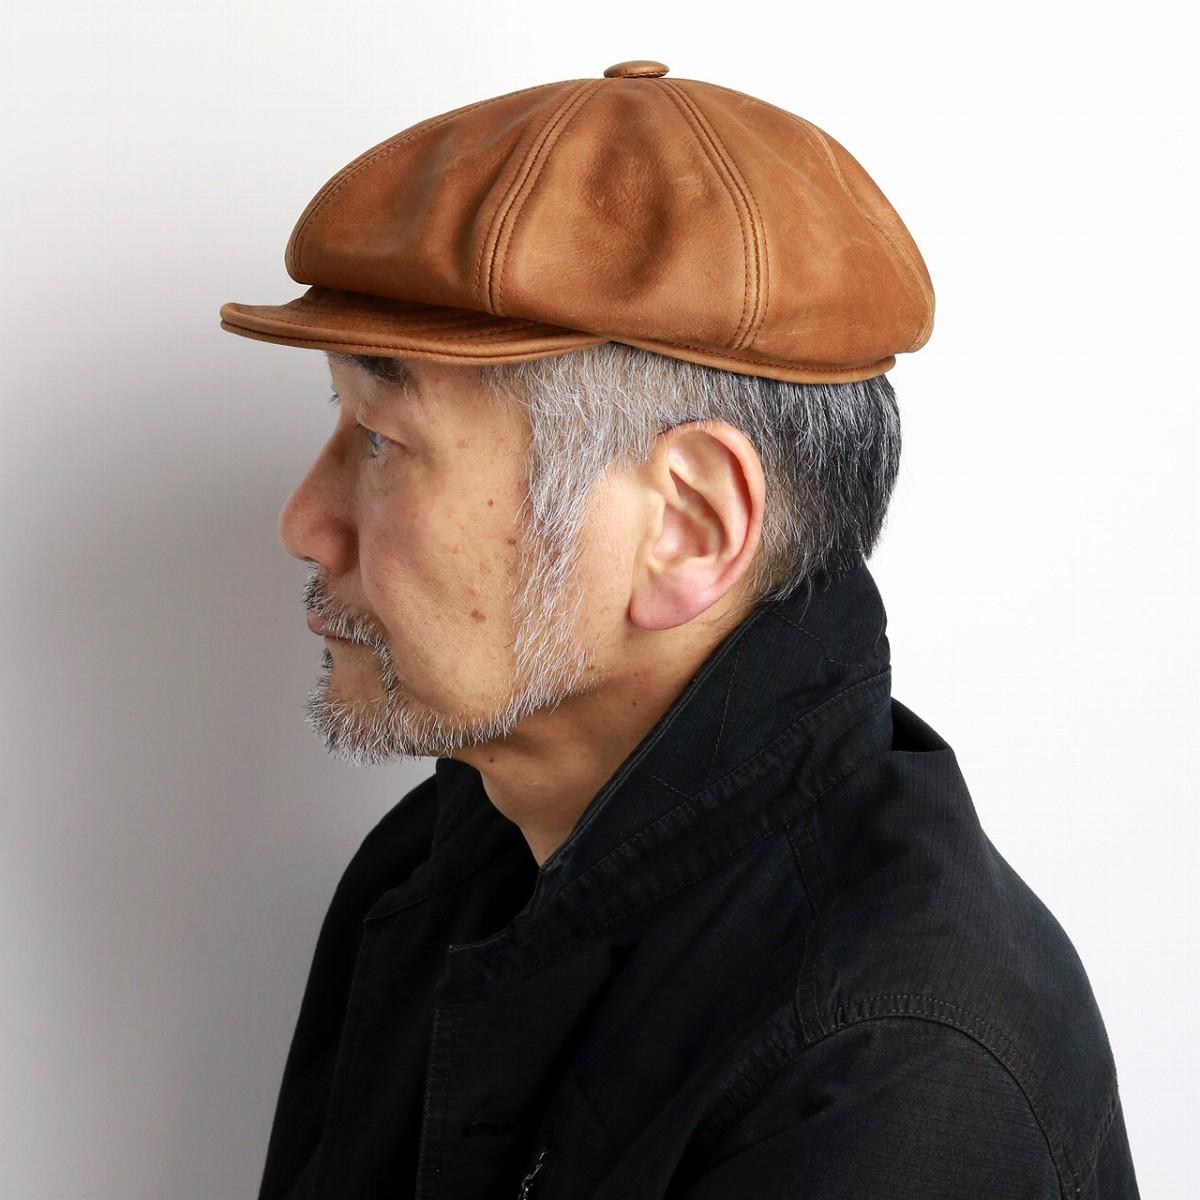 NEW YORK HAT ( ニューヨークハット ) ヴィンテージレザー キャスケット Vintage Leather Spitfire レザー メンズ 大きいサイズ レザーキャップ 9223 ラスト RUST [ ivy cap ]